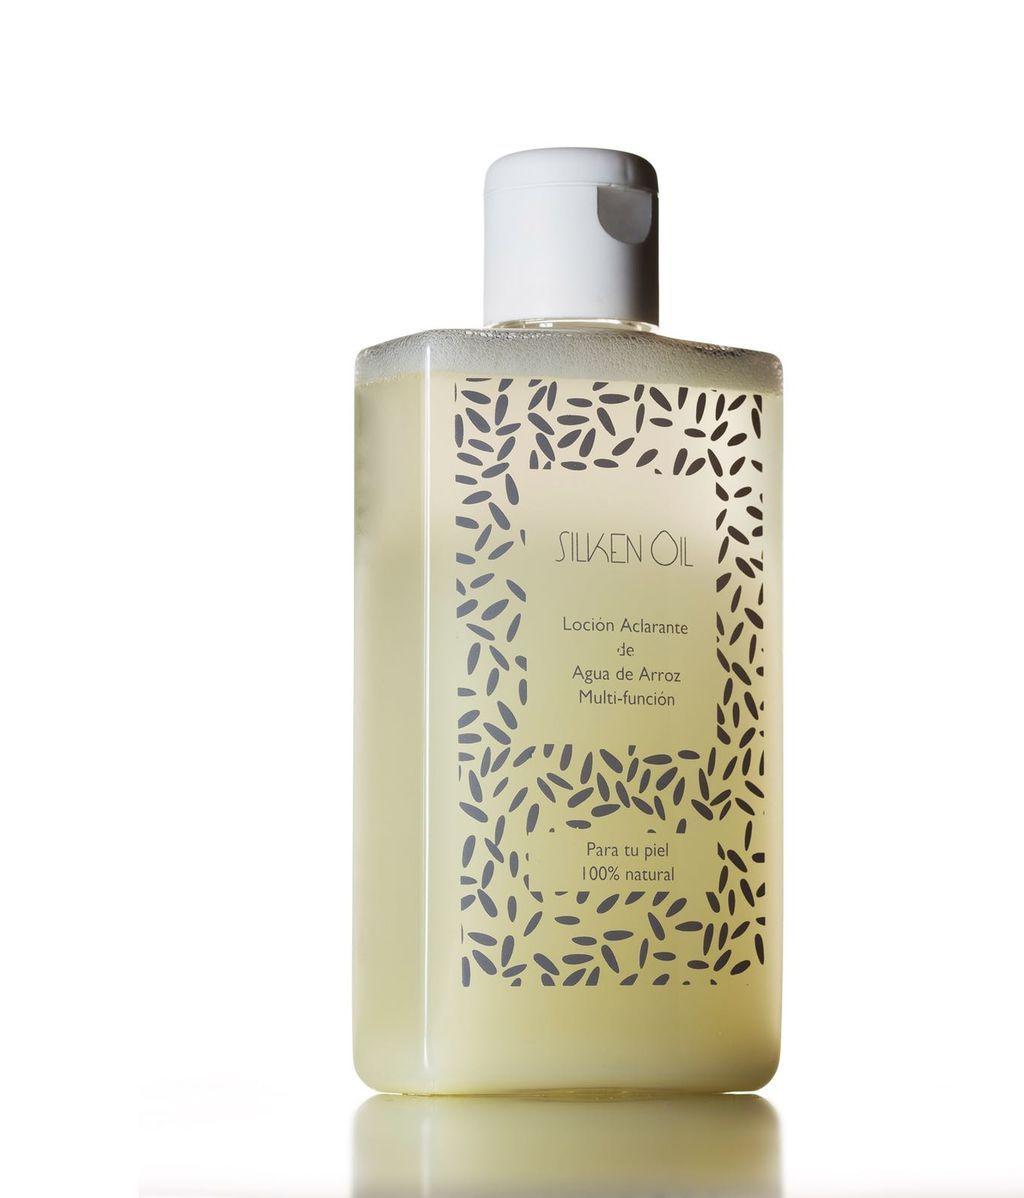 Silken Oil